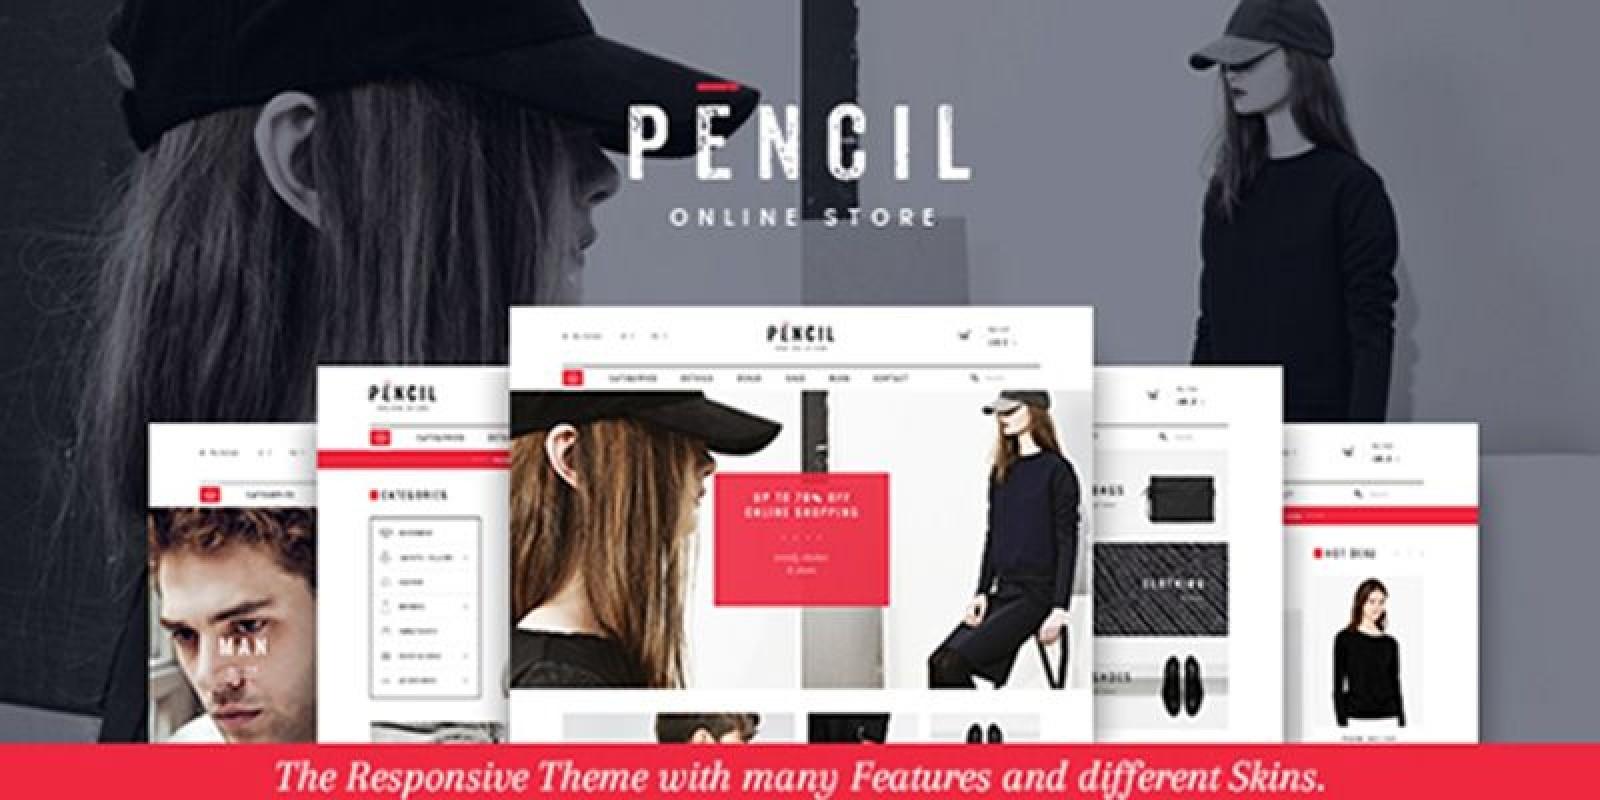 Pencil - Responsive Shopify Theme